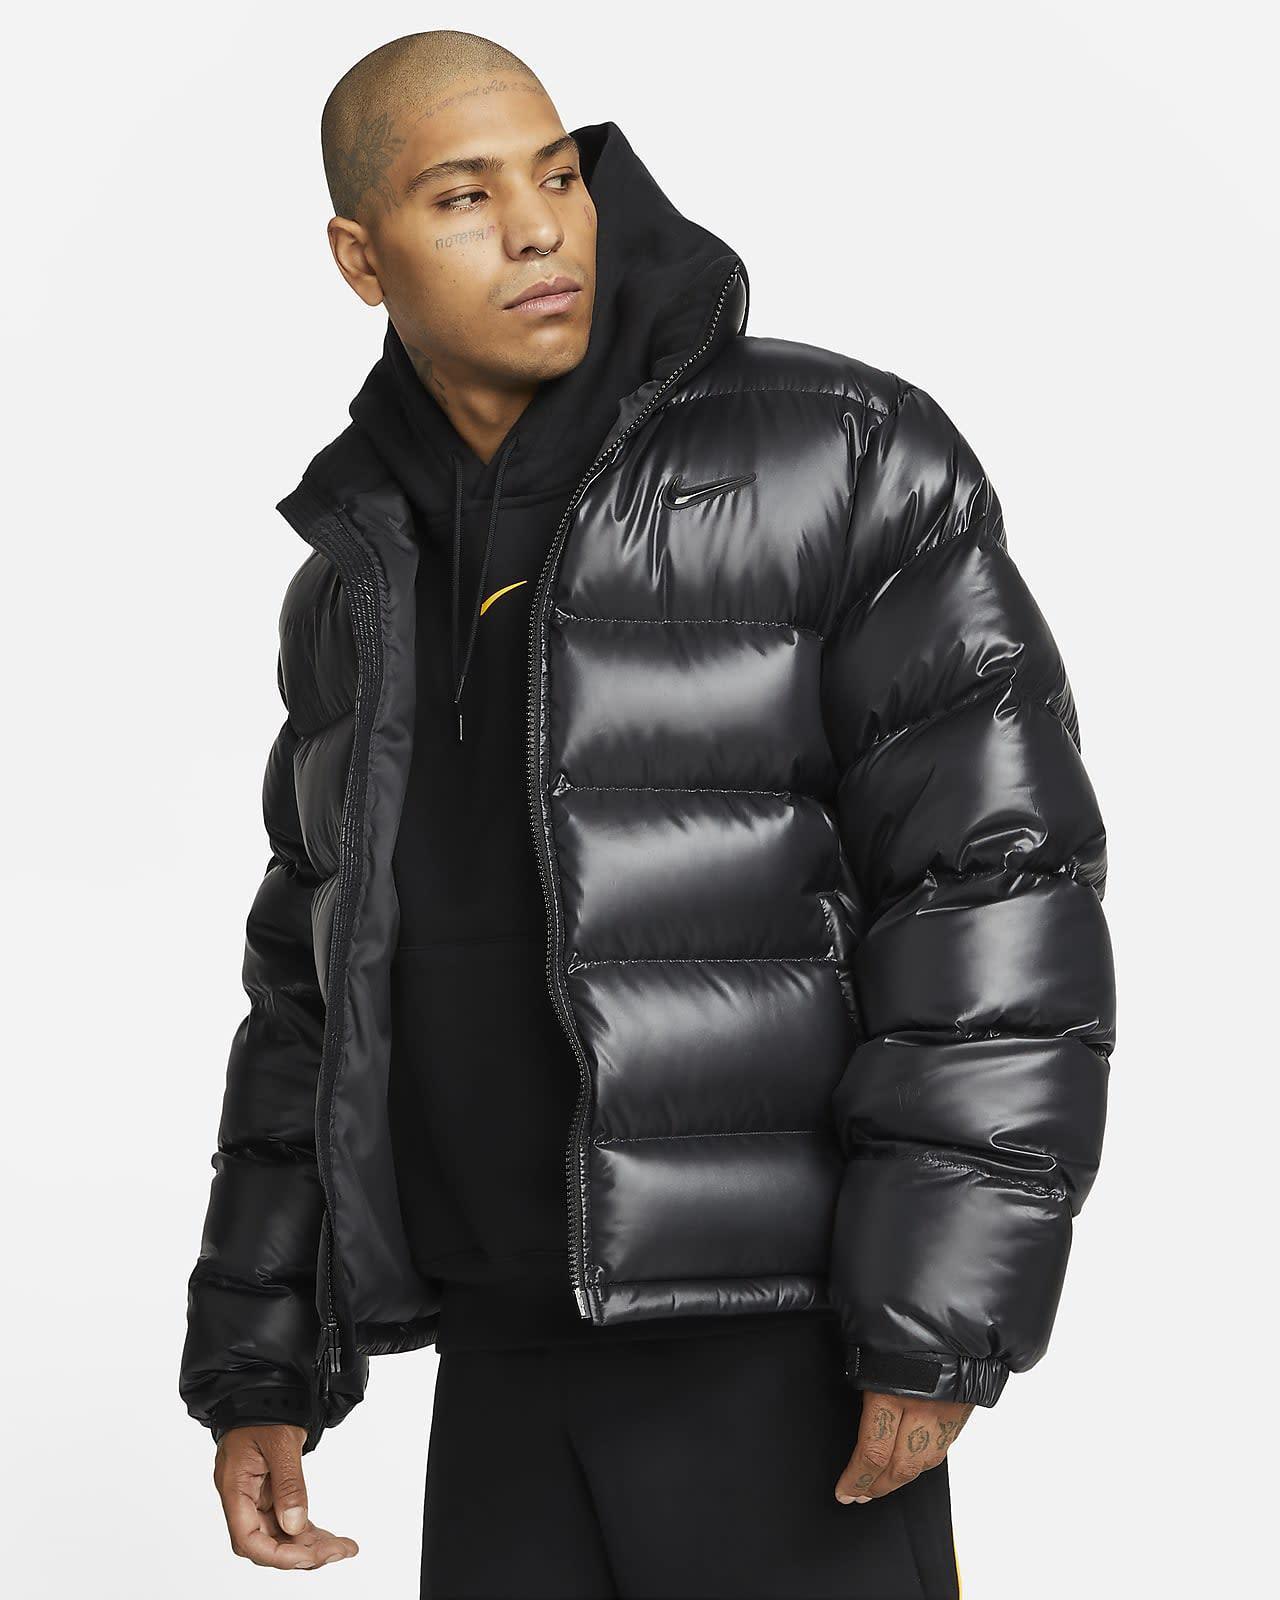 Drake Nike NOCTA Black Puffer Jacket